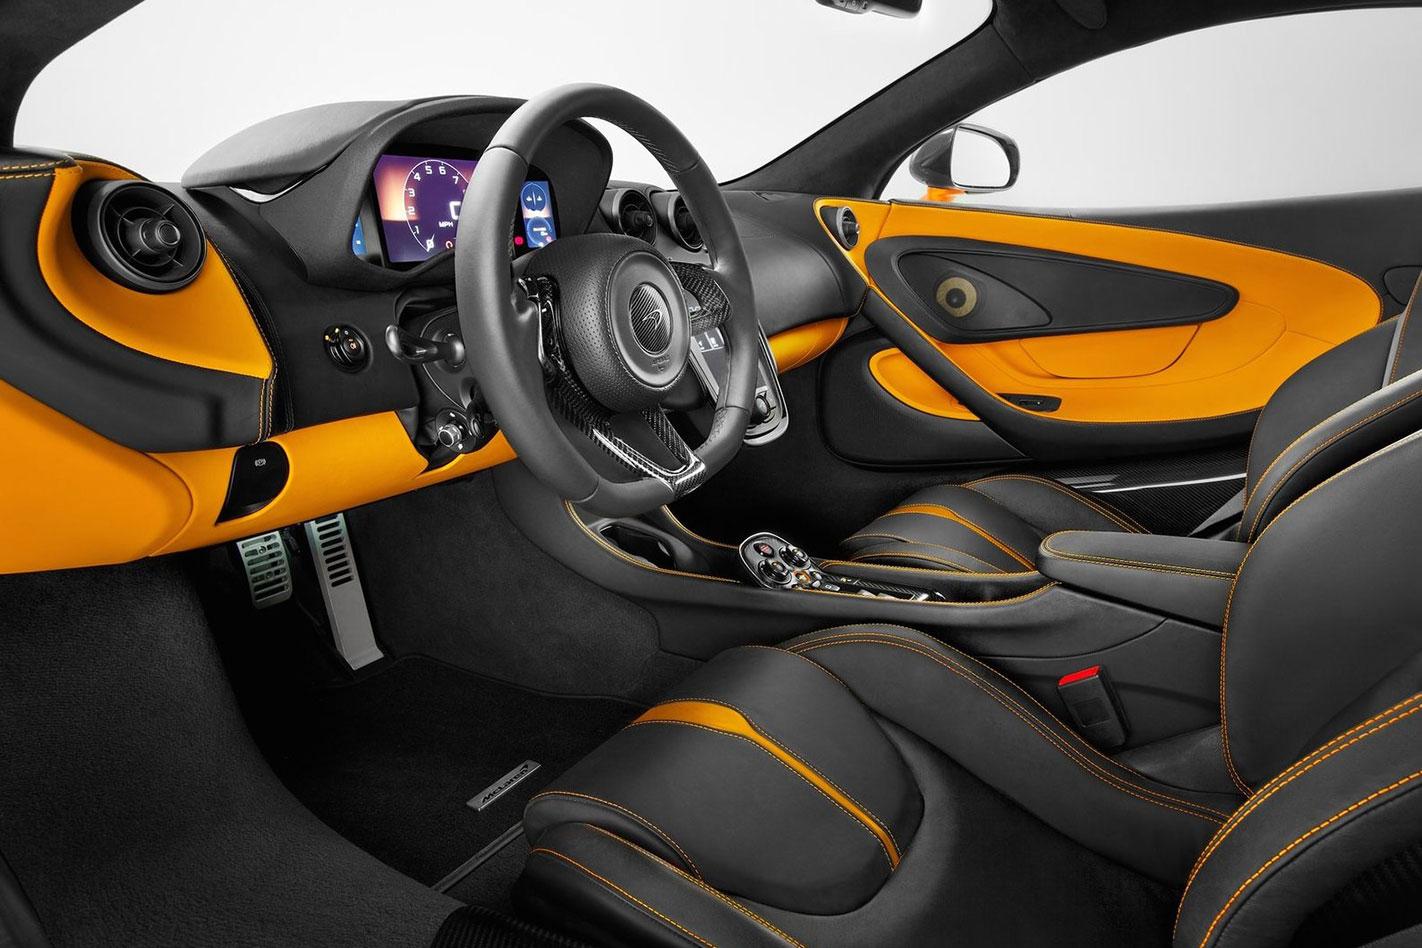 McLaren 570S/540C pricing